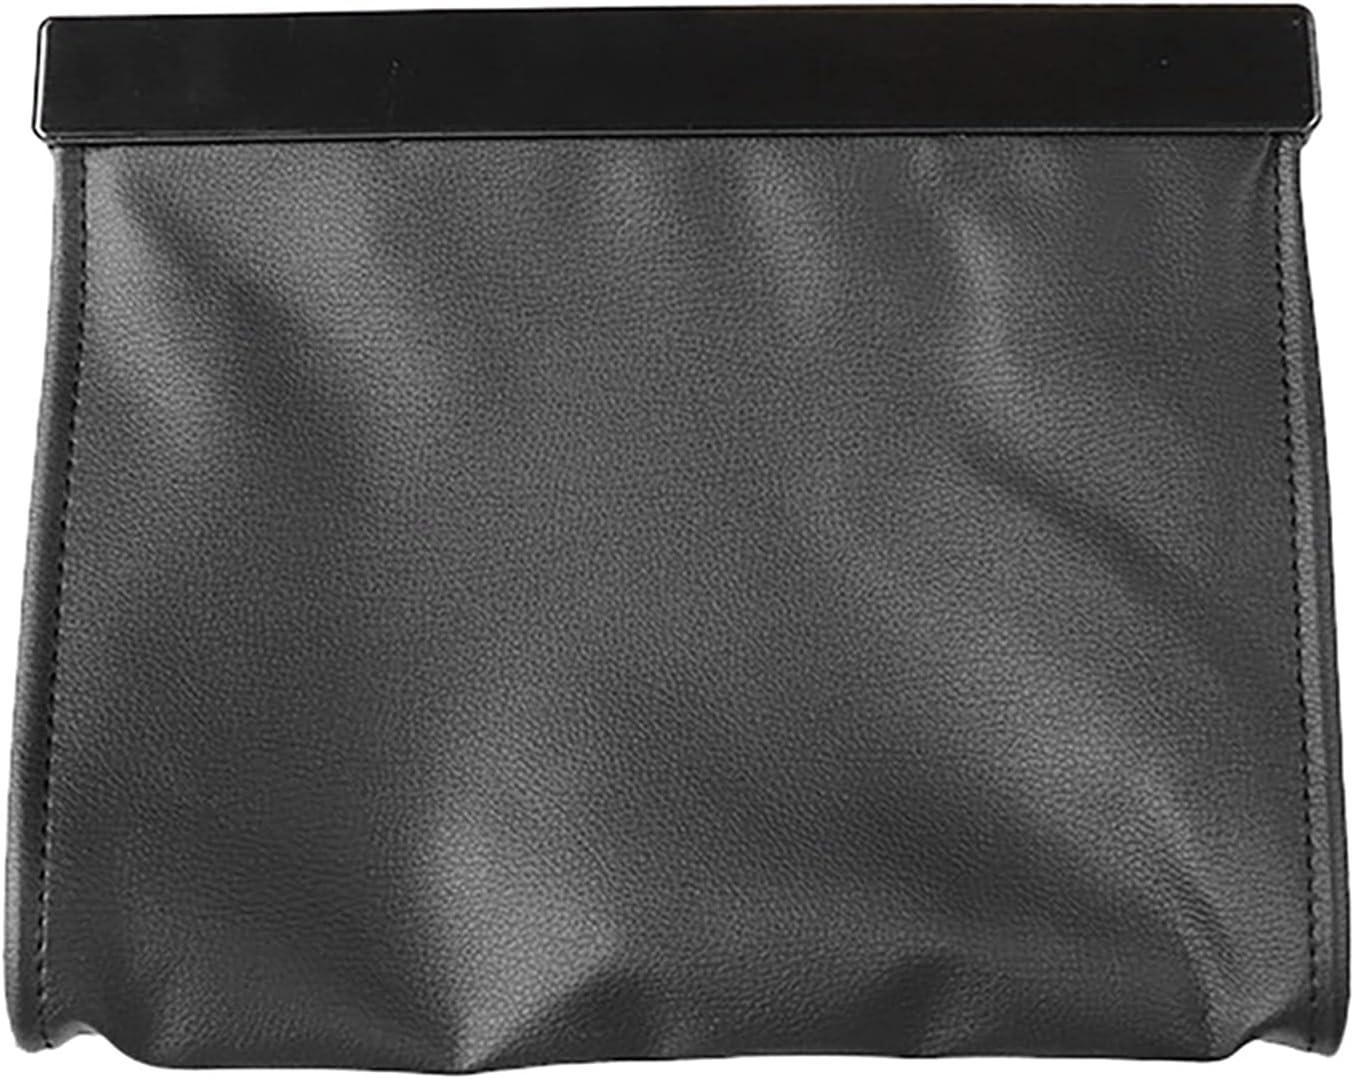 Shengsheng Popular product Sheng Max 60% OFF Car Garbage Trash Storage Bag Seat Hanging Back